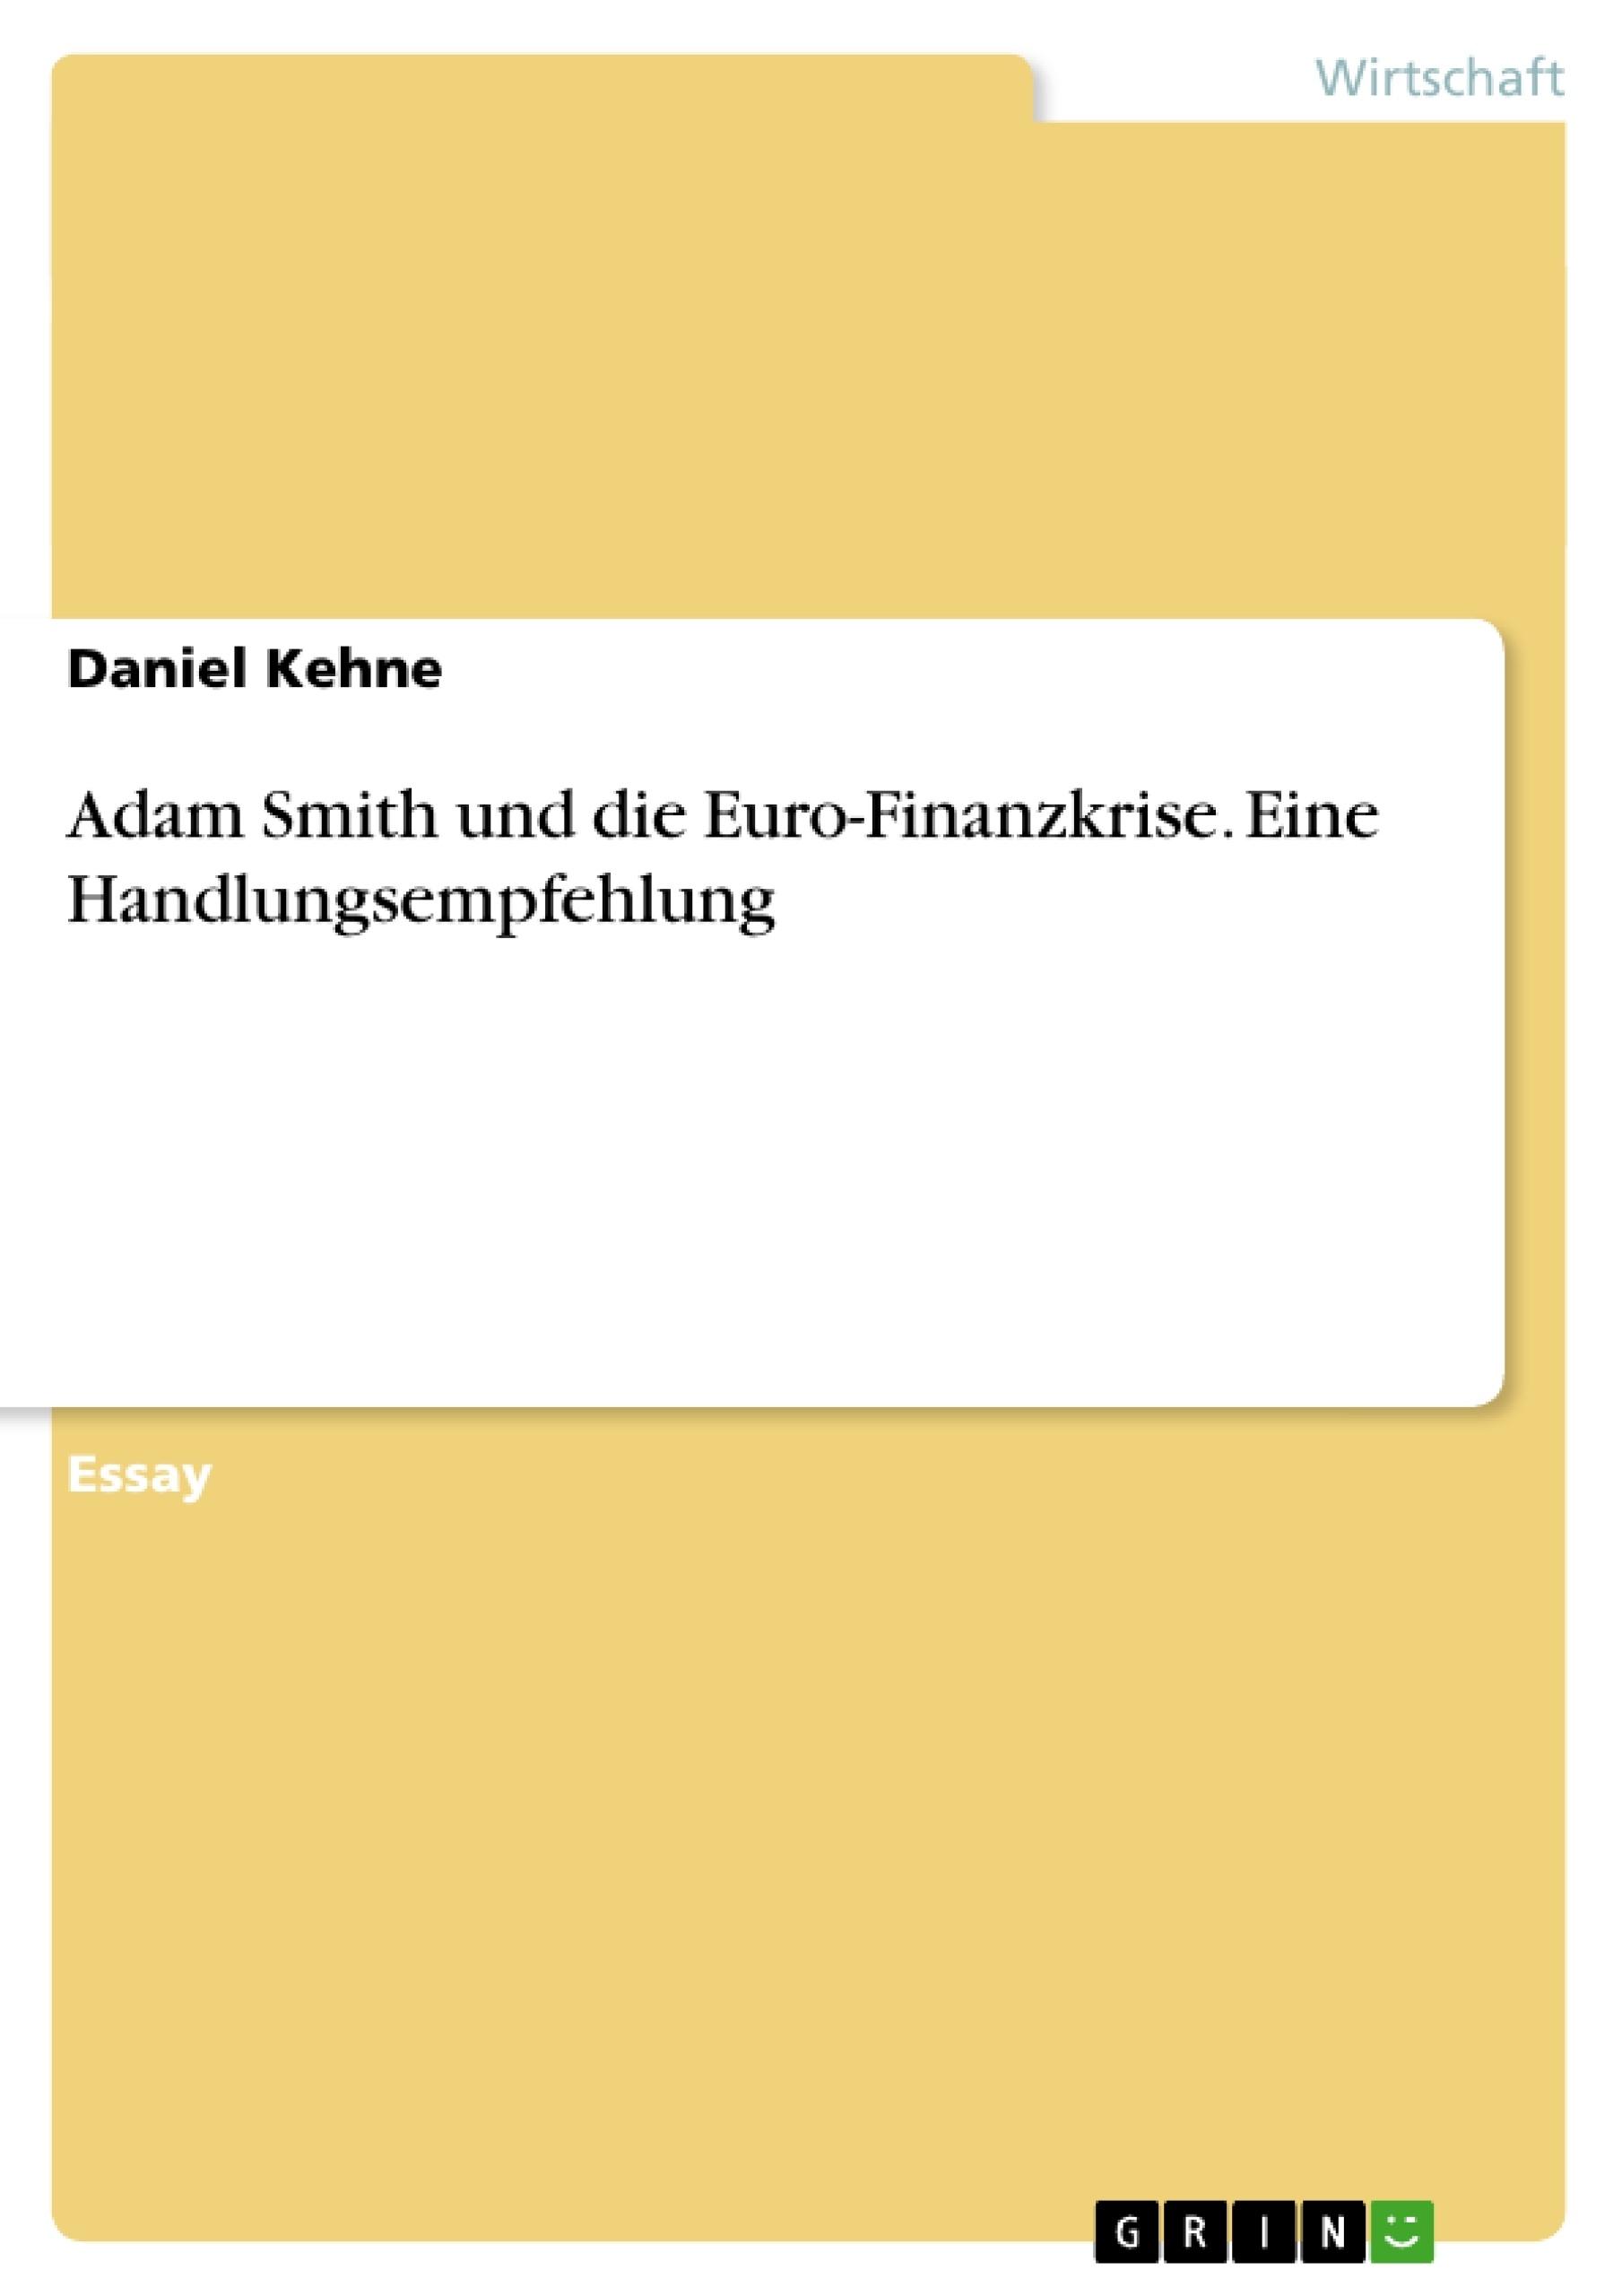 Titel: Adam Smith und die Euro-Finanzkrise. Eine Handlungsempfehlung